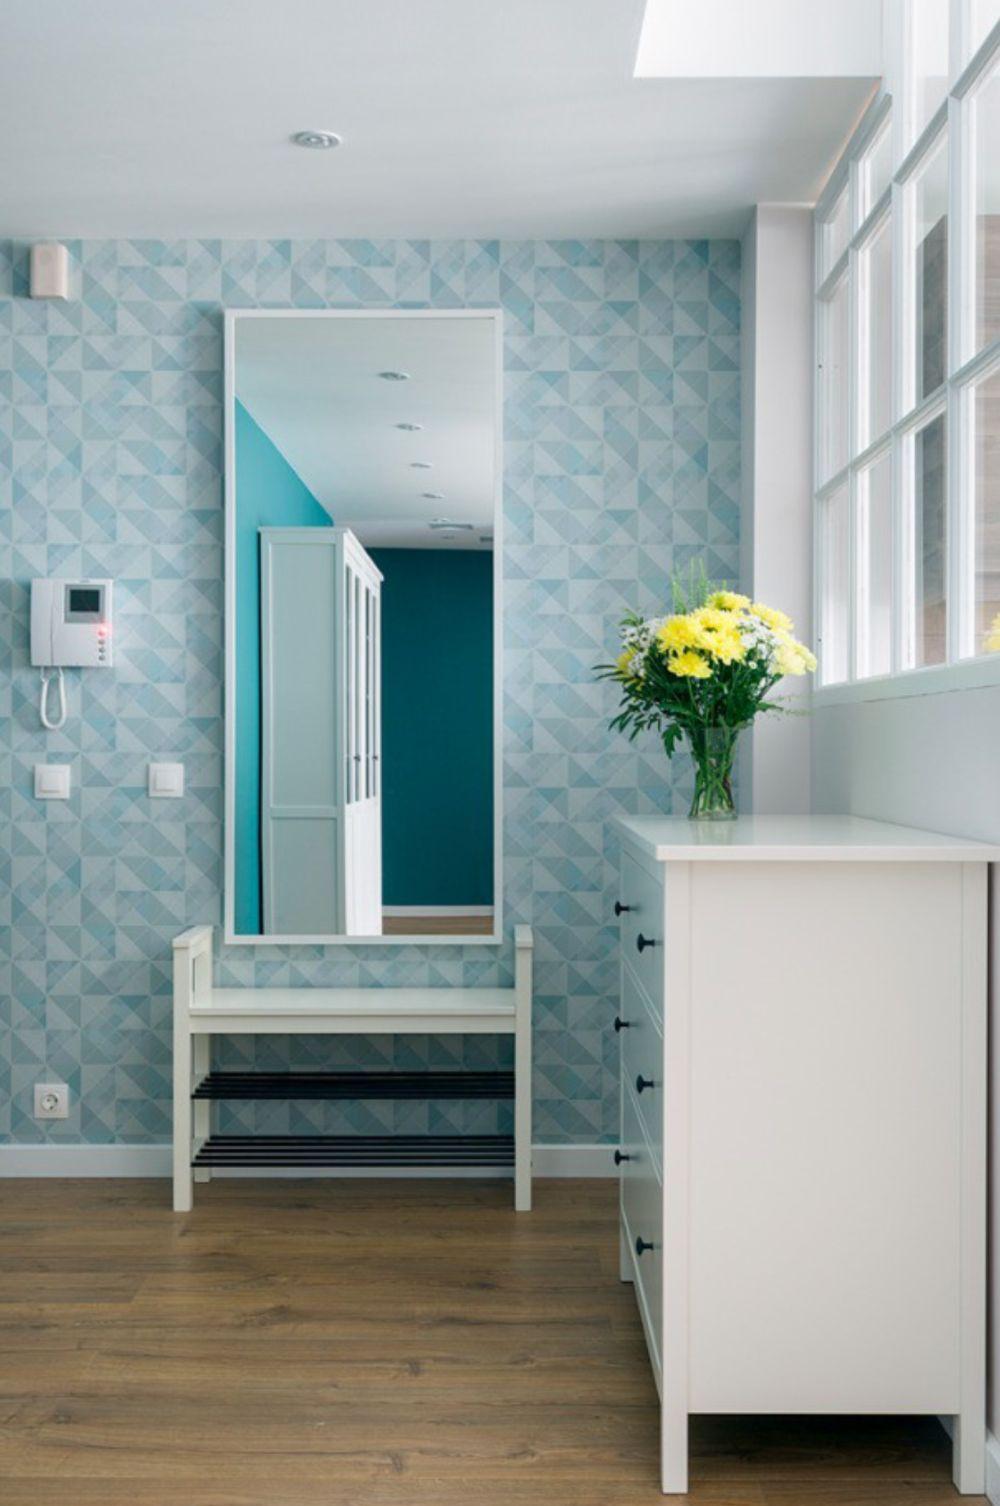 adelaparvu.com despre apartament 3 camere 76 mp, designer Nika Rusanova (9)